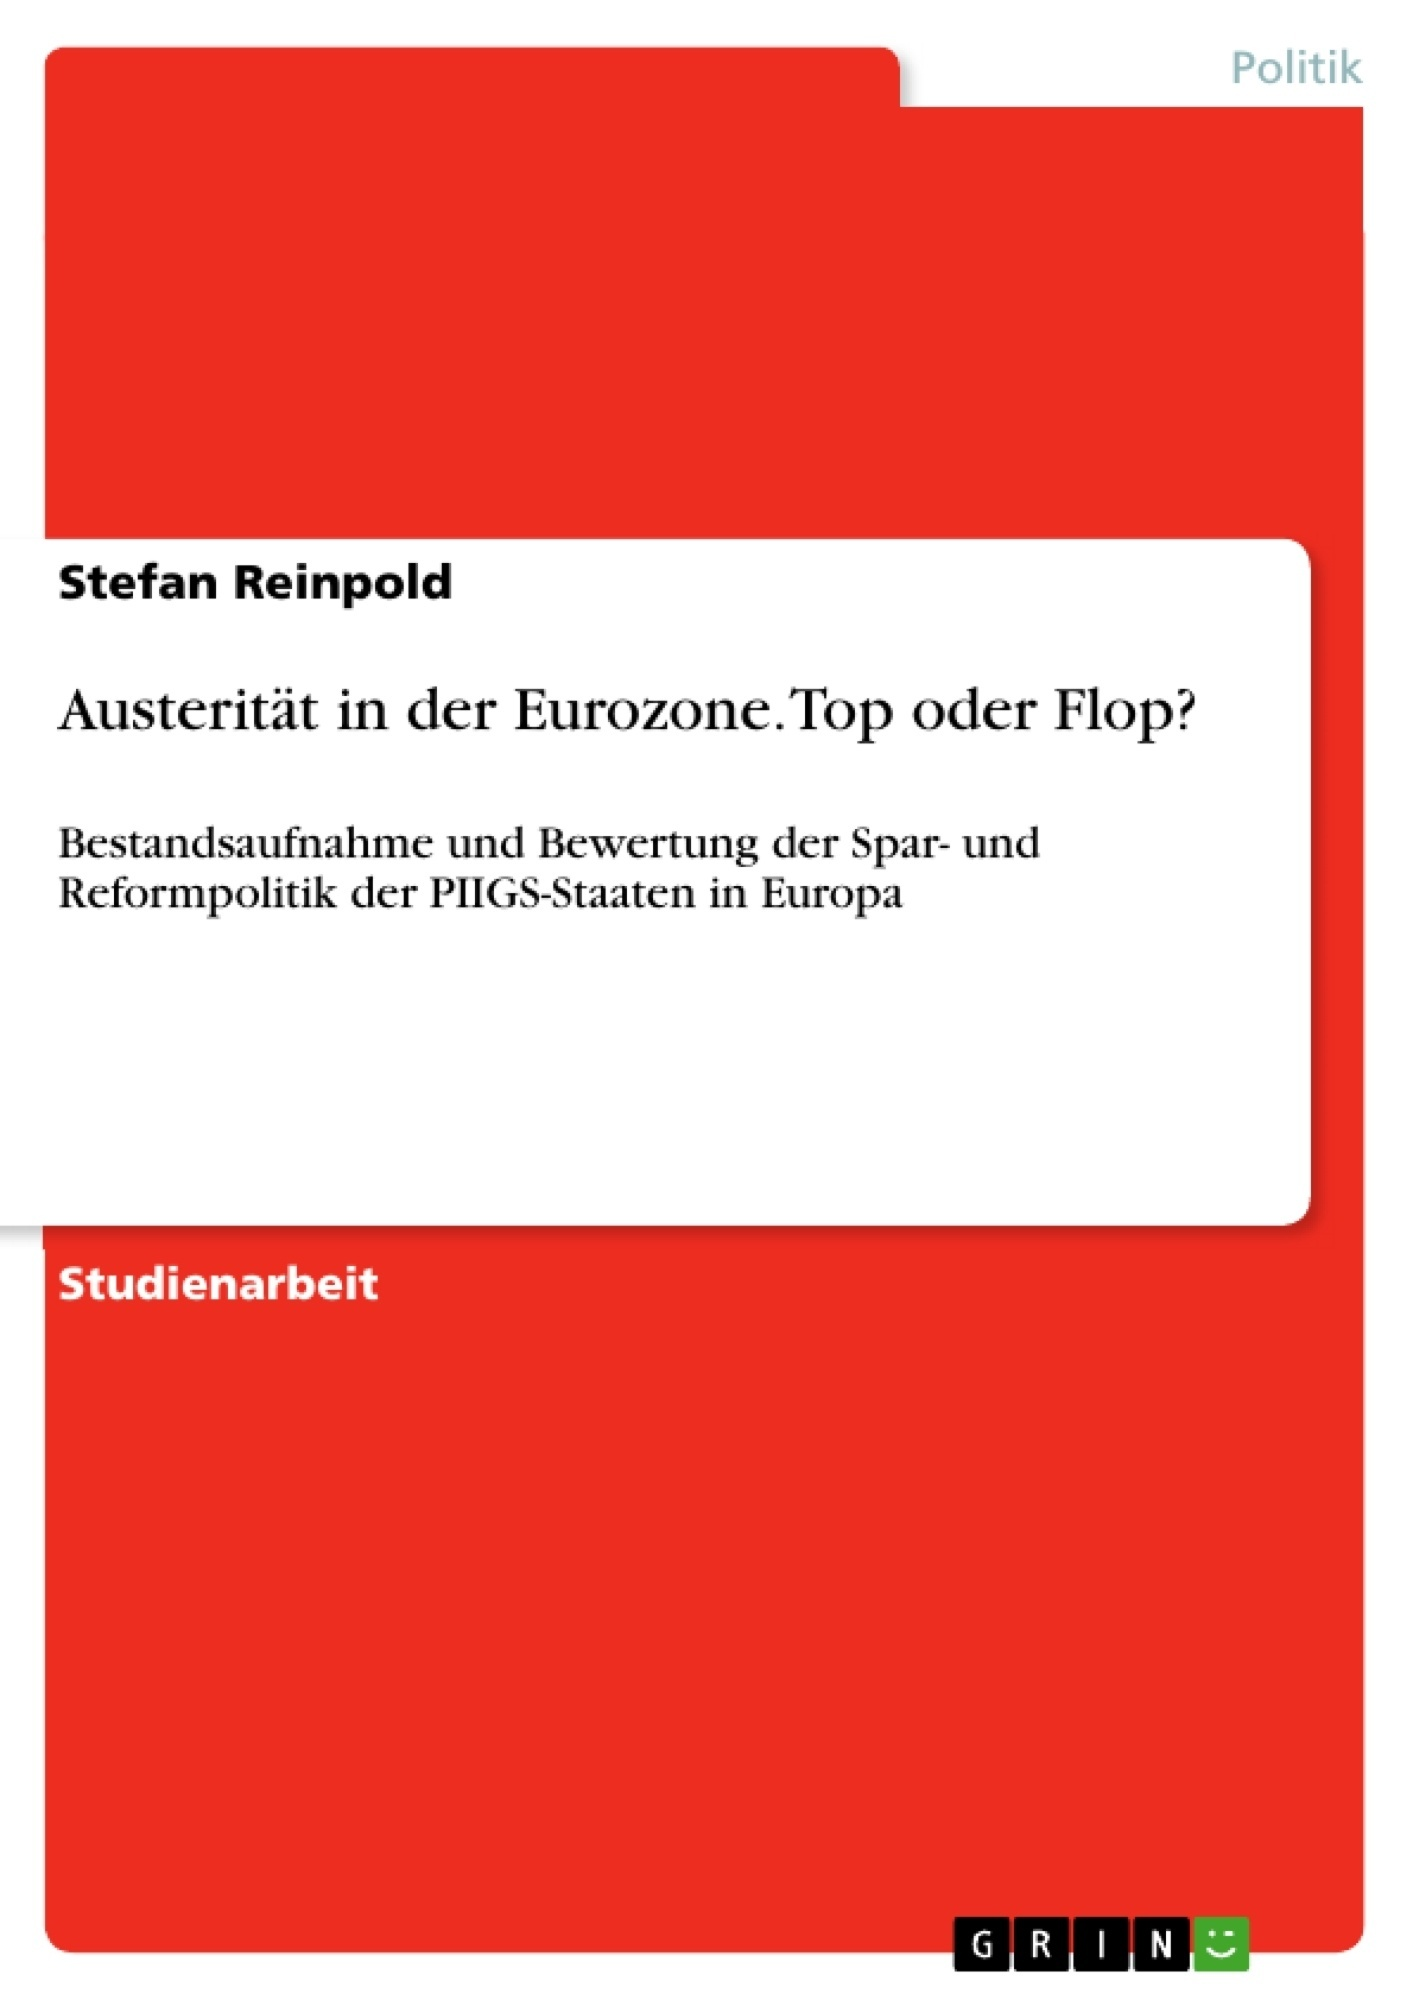 Austerität in der Eurozone. Top oder Flop? Bestandsaufnahme und Bewertung der Spar- und Reformpolitik der PIIGS-Staaten in Europa